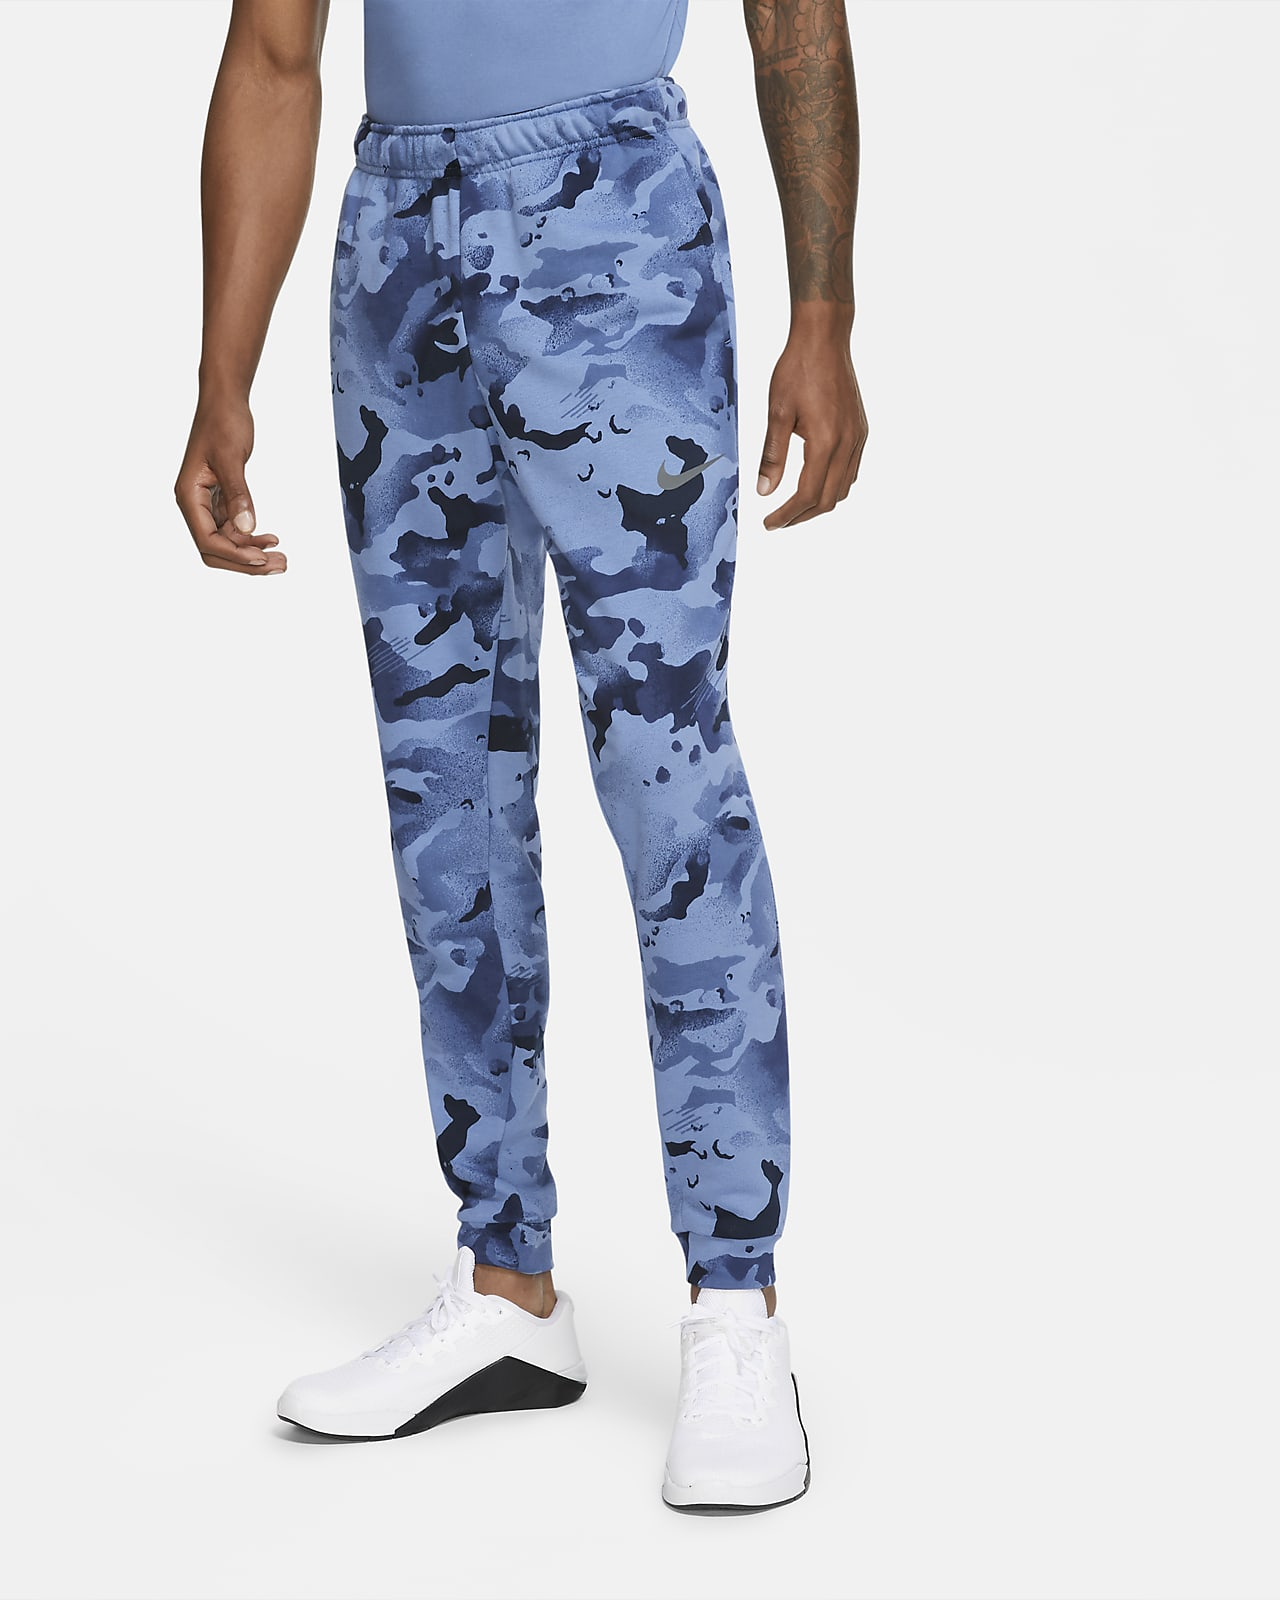 Nike Dri-FIT Men's Camo Training Pants